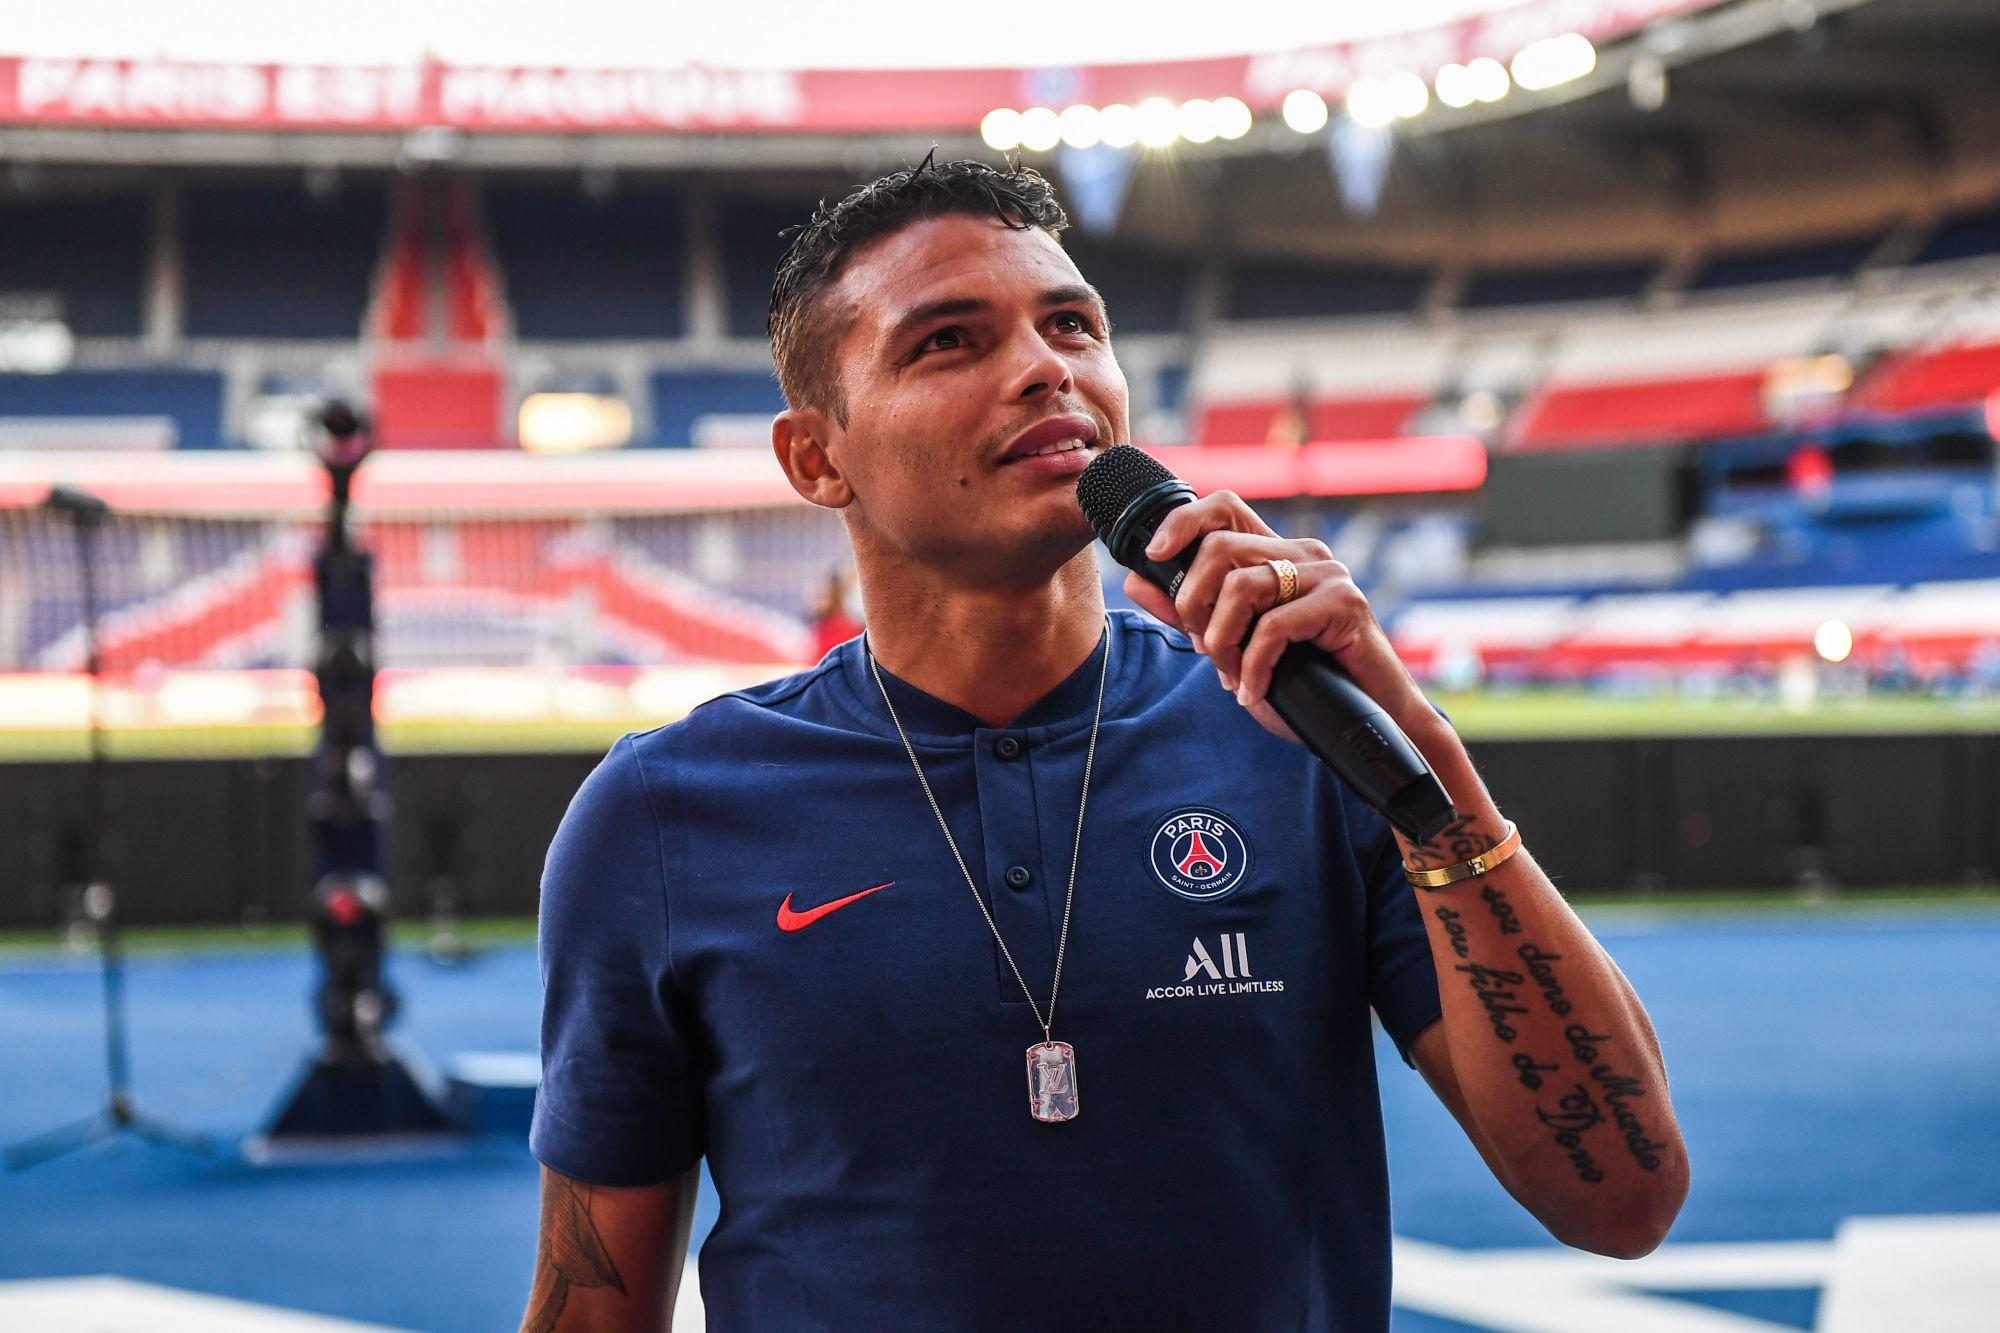 """Thiago Silva """"Il me reste deux mois et je vais tout donner pour remporter le plus de titres possibles"""""""